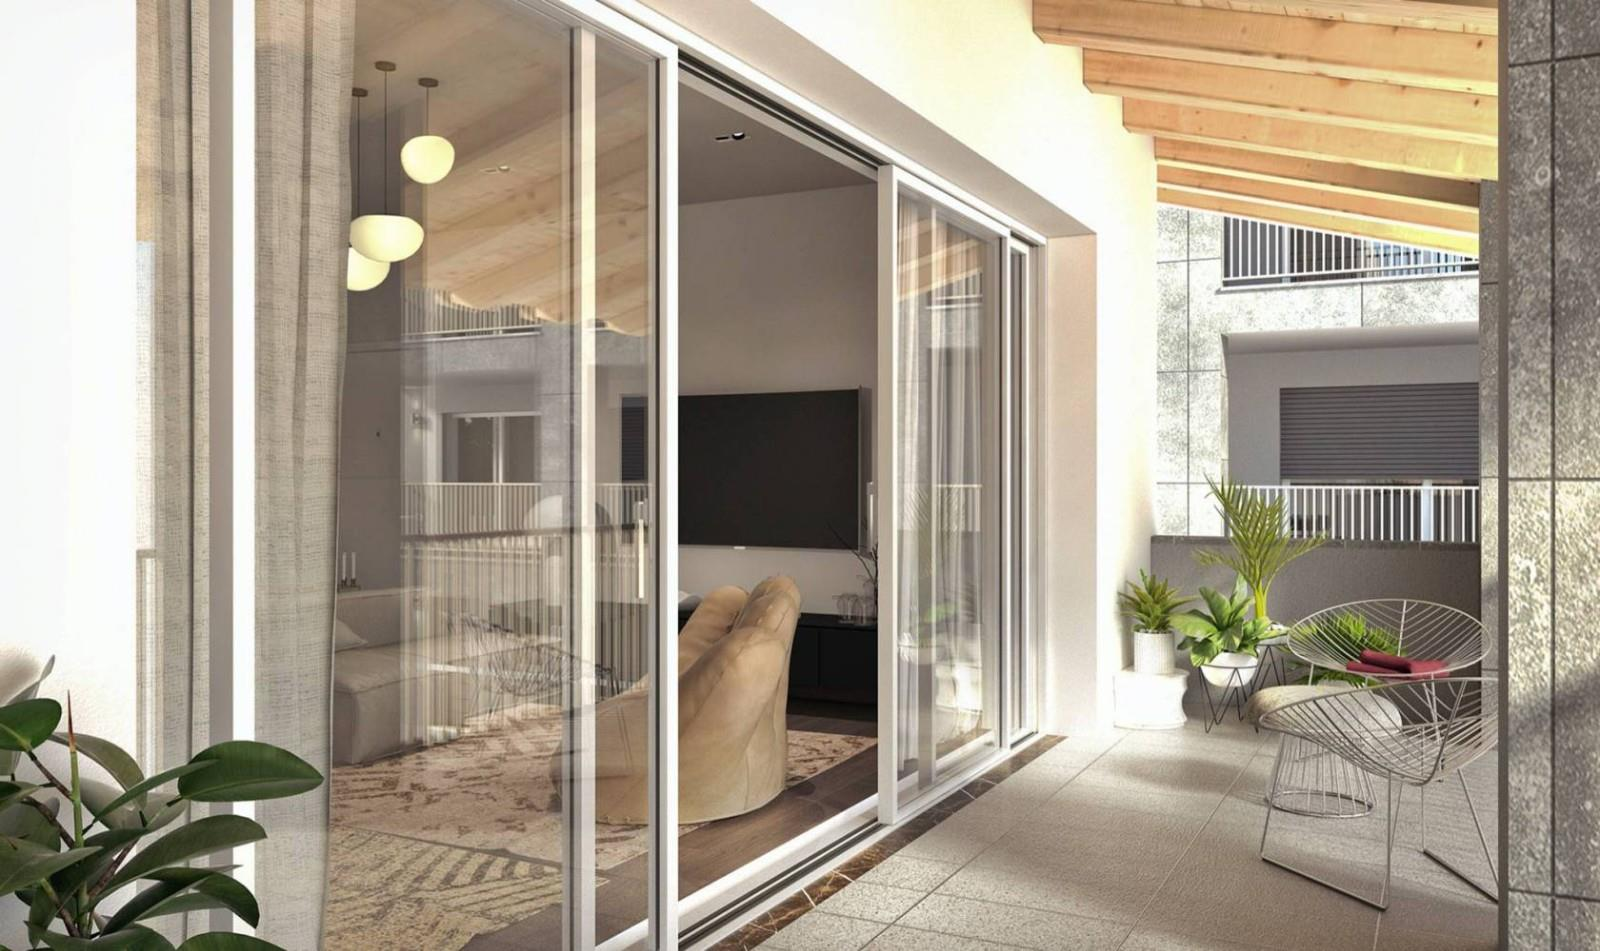 Foto 10 - Appartamento in Vendita - Monza, Zona Regina Pacis